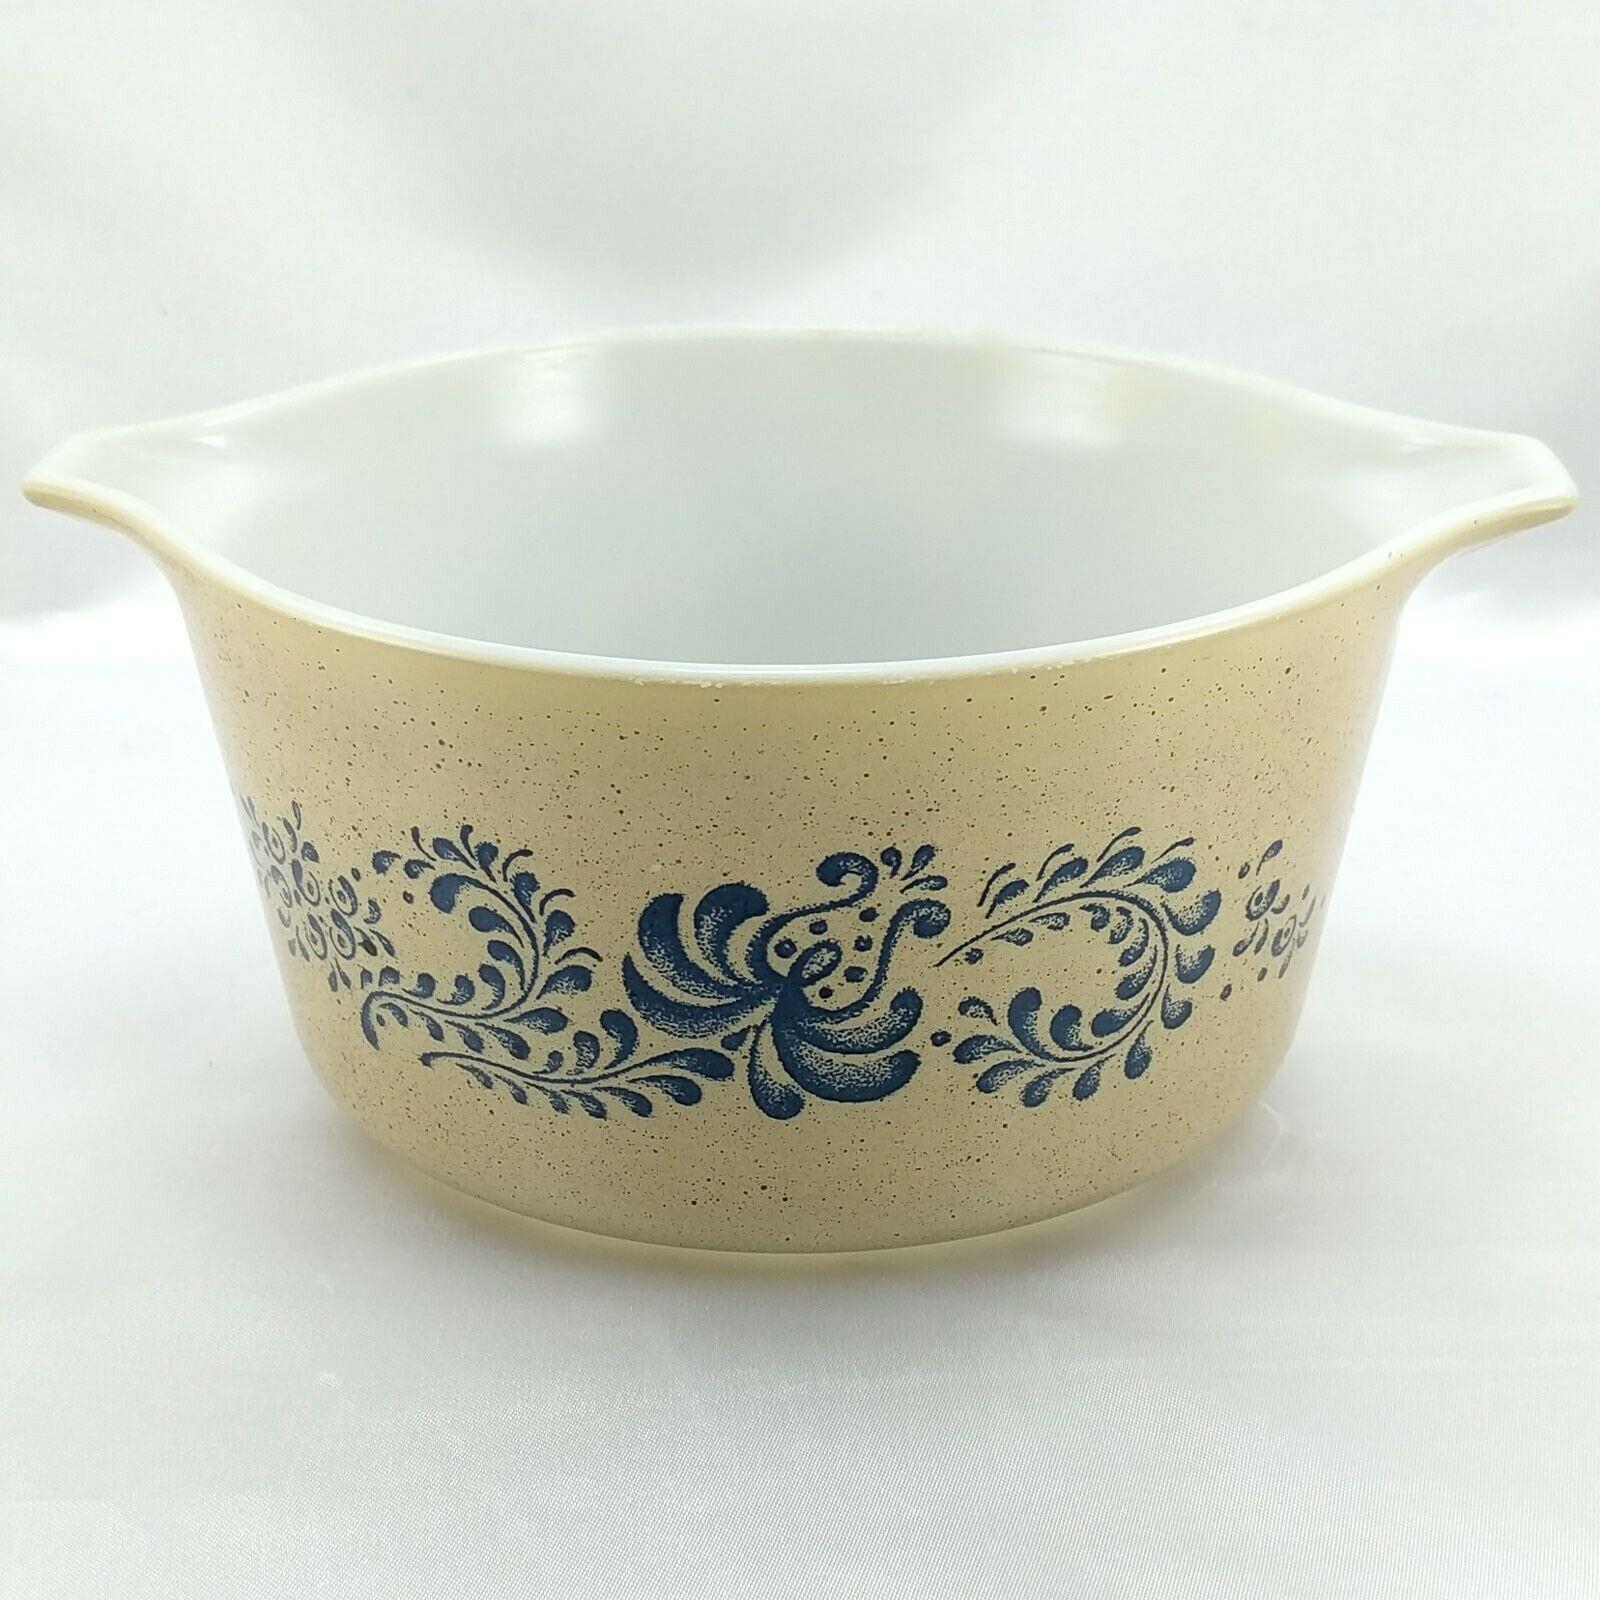 Pyrex 473 Homestead Blue Floral Speckled Vintage Baking Serving Casserole Dish